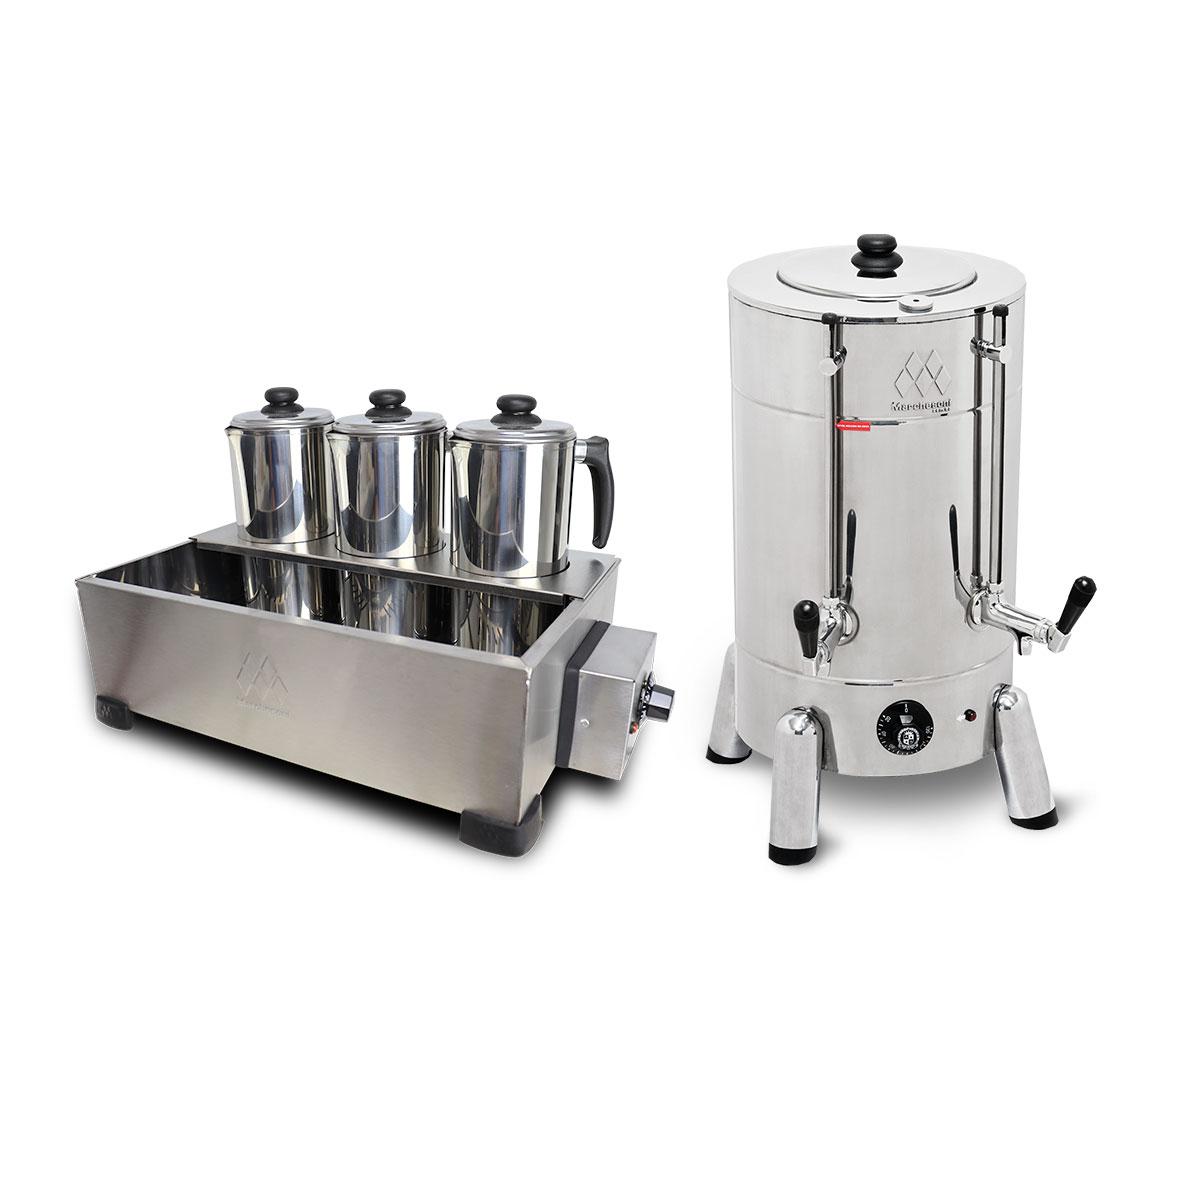 Kit Cafeteira Tradicional 4 Litros 1300 W + Esterilizador 3 Bules Com Termostato - Marchesoni - 220 V